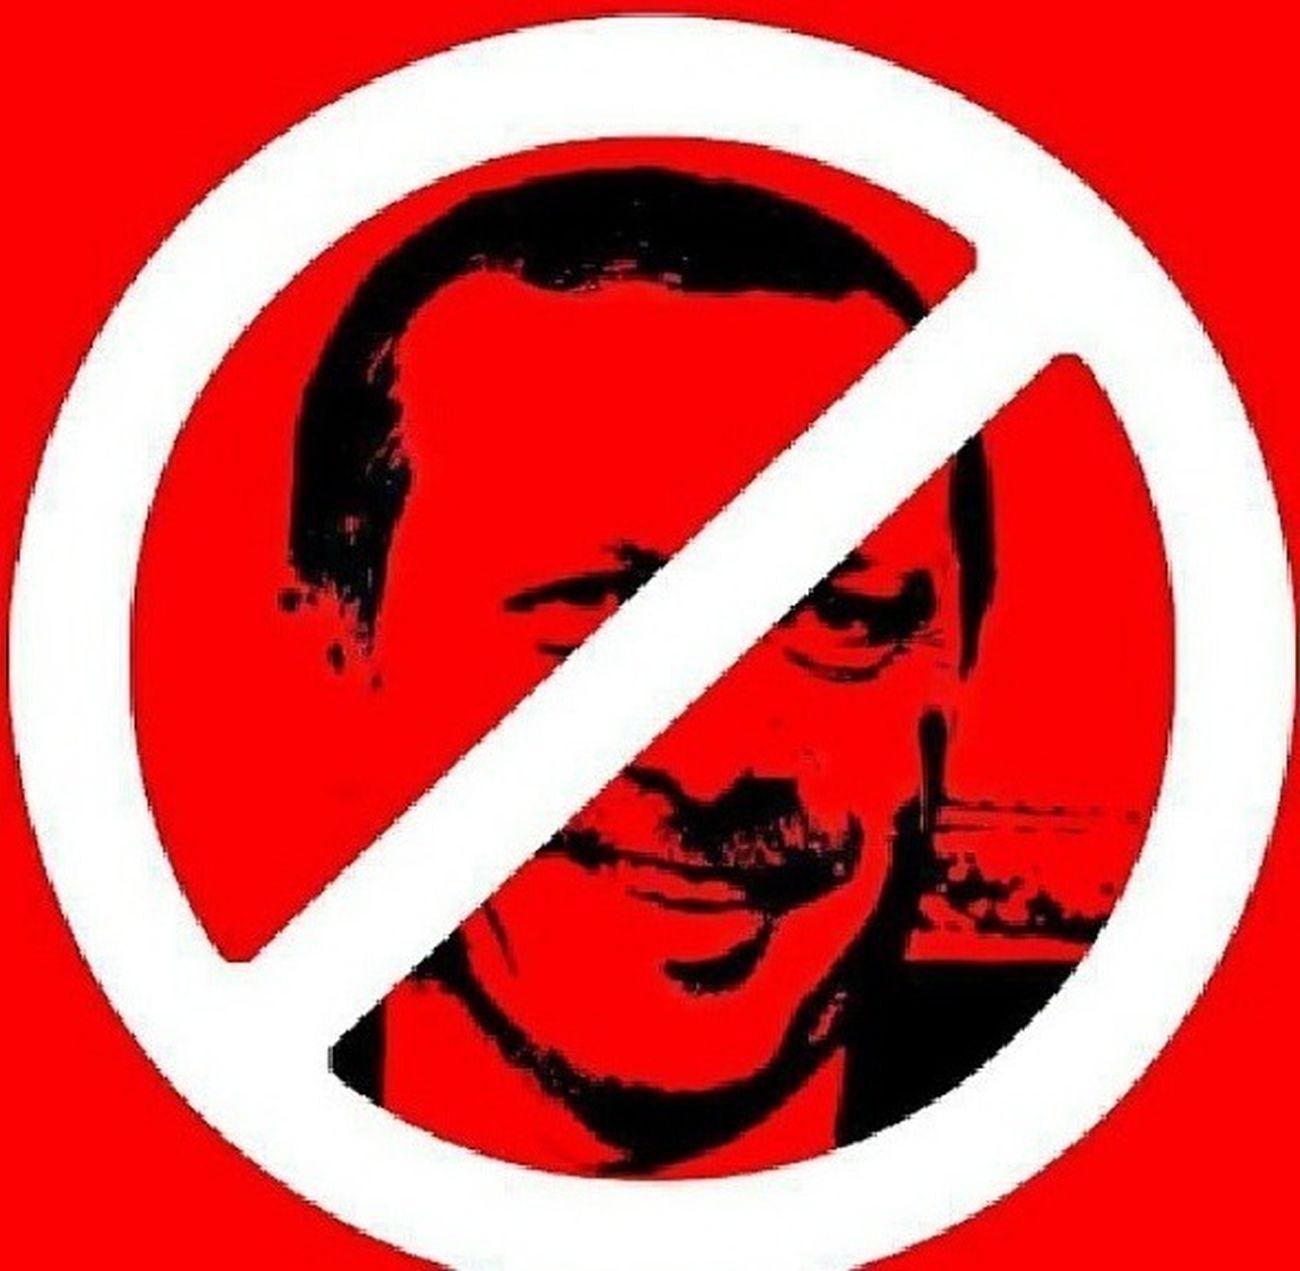 FASCHIST Faschist Fachist Diktator Schande